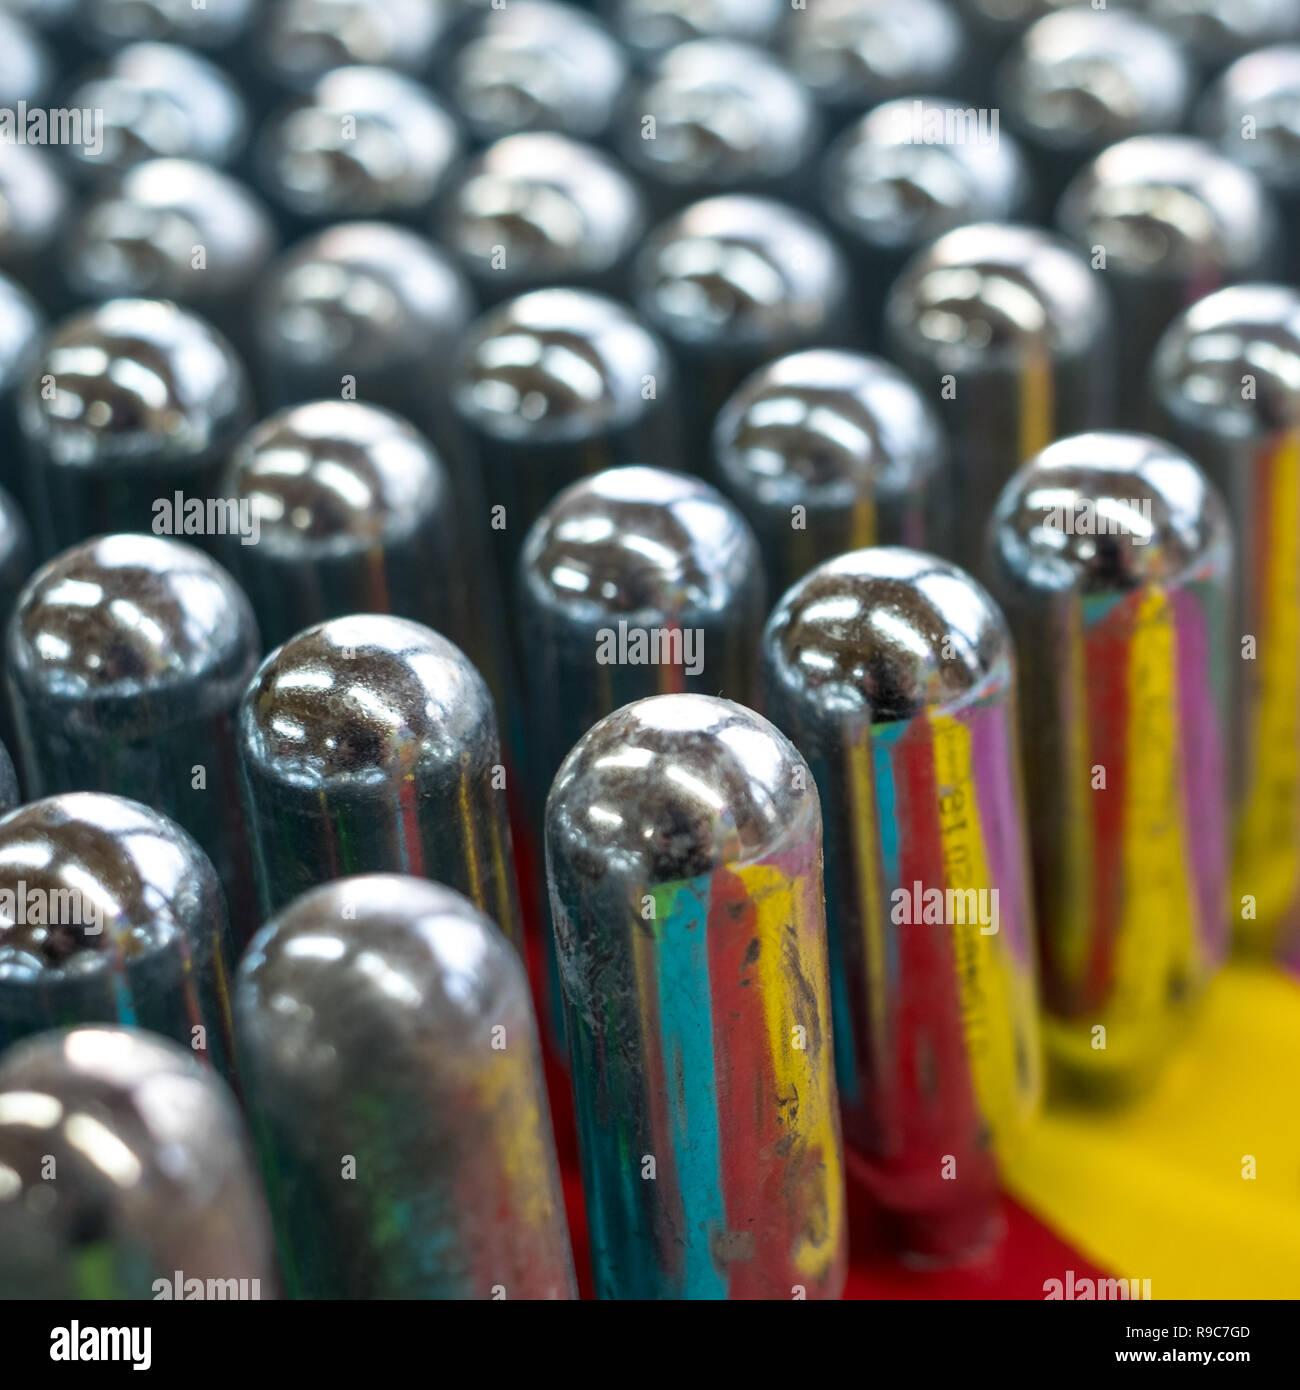 Svuotare il protossido di azoto di vernice riflettente colori psichedelici: cilindri di metallo contenente protossido di azoto, utilizzato per montare la panna, ma anche come un legale Foto Stock